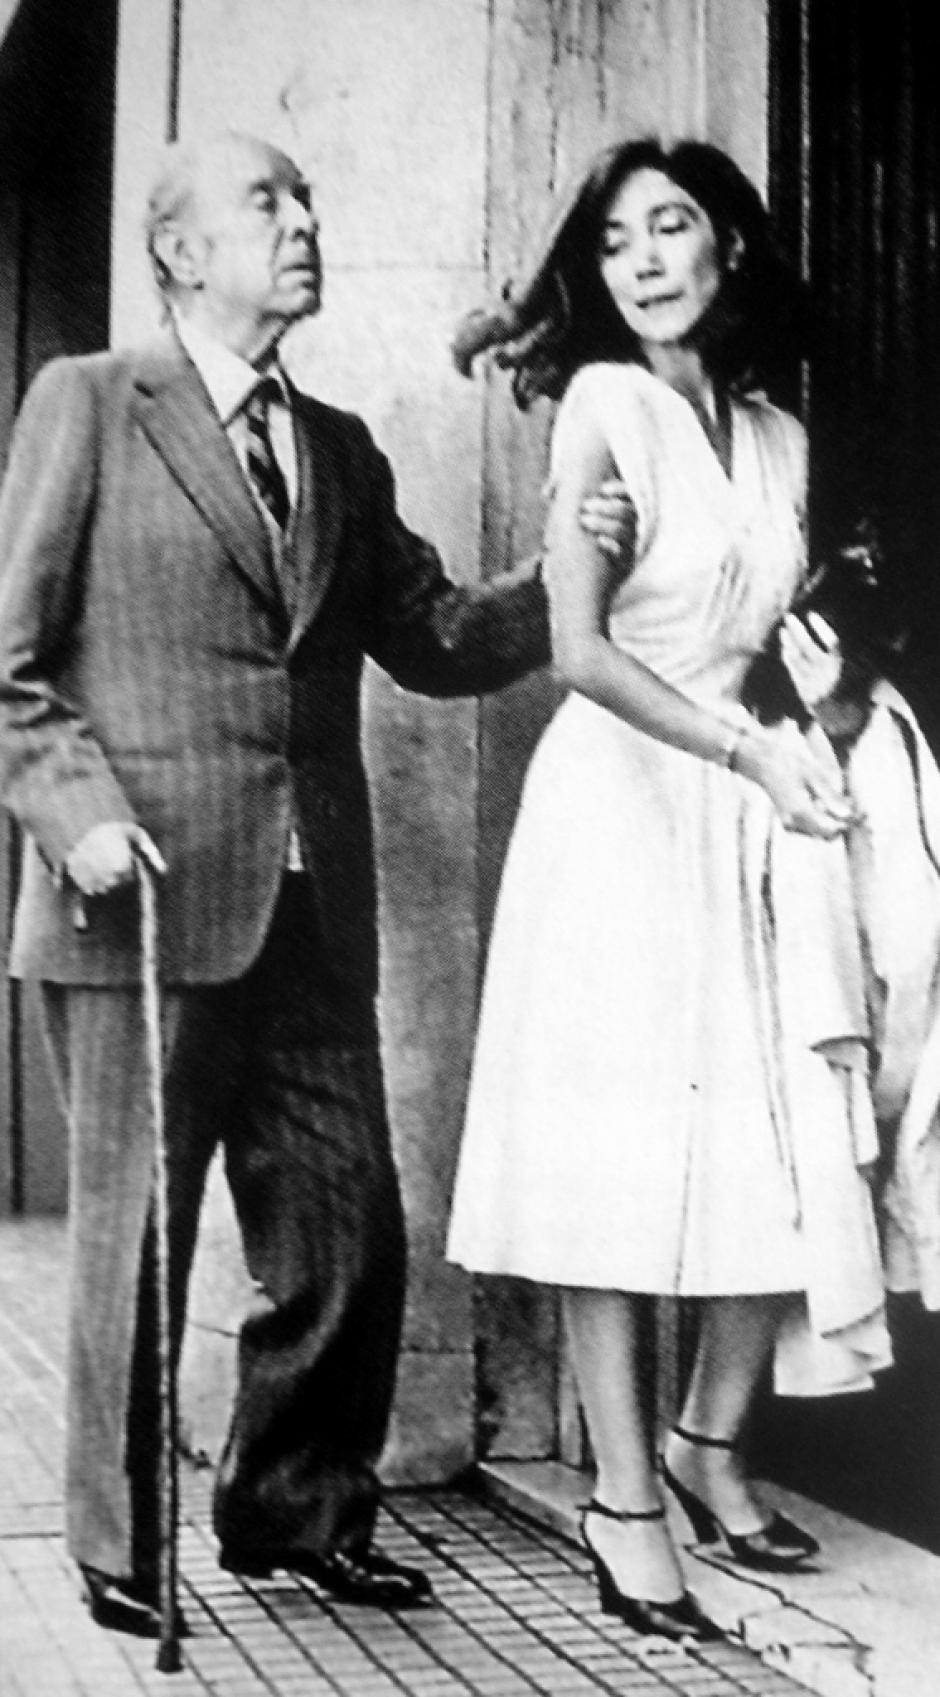 Luis Borges se casó con su asistente María Kodama. (Foto: cadaverdetinta.blogpot.com